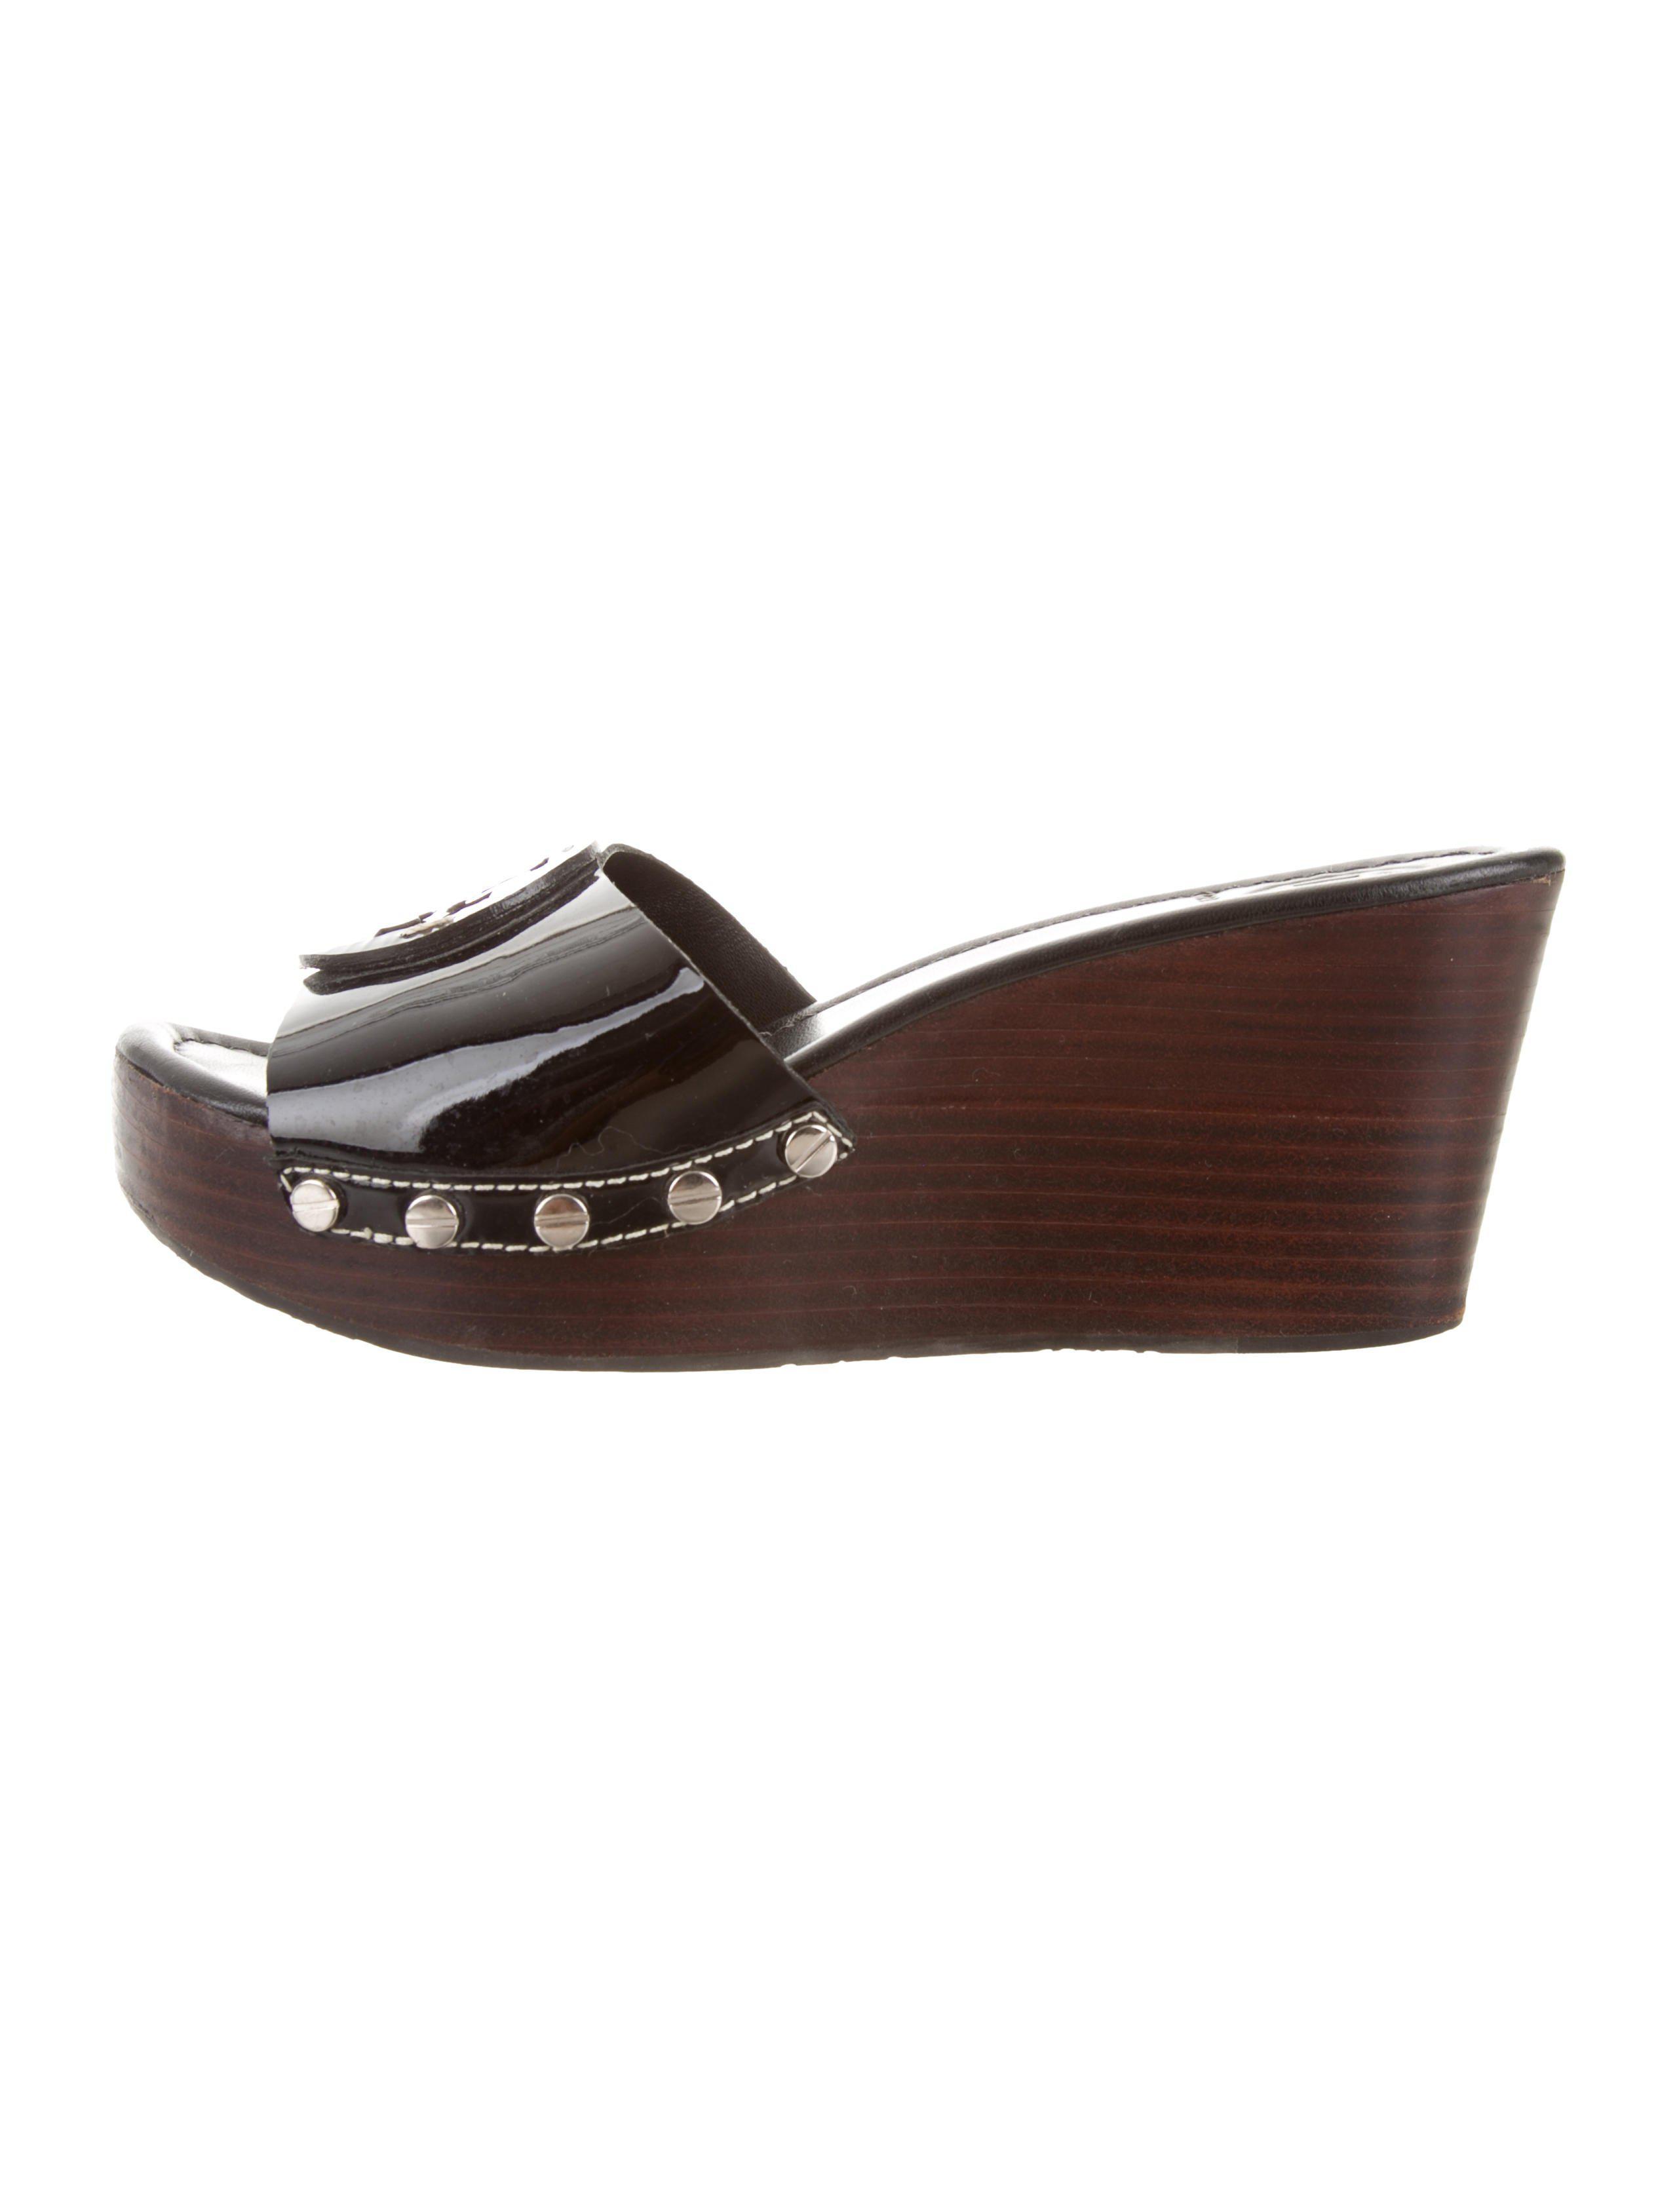 69e337803a4e Lyst - Tory Burch Logo Wedge Sandals in Black